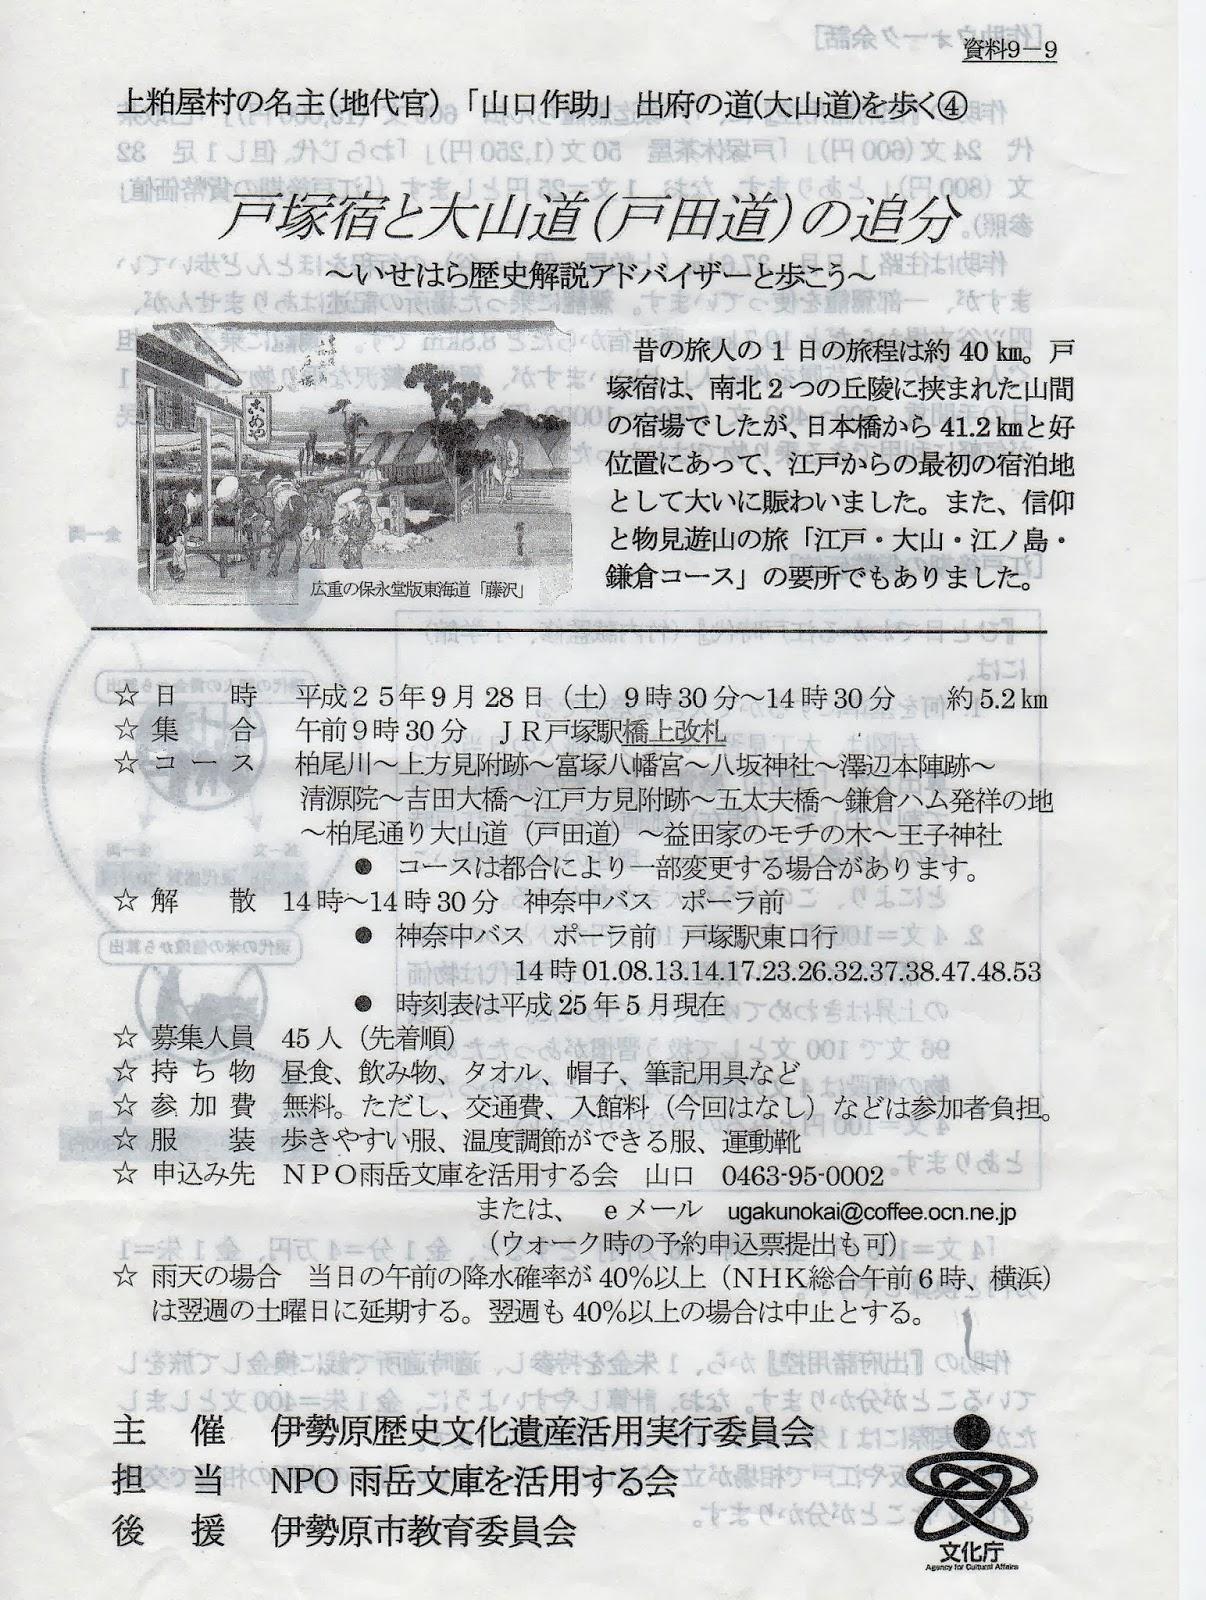 神奈川・伊勢原・大山情報館